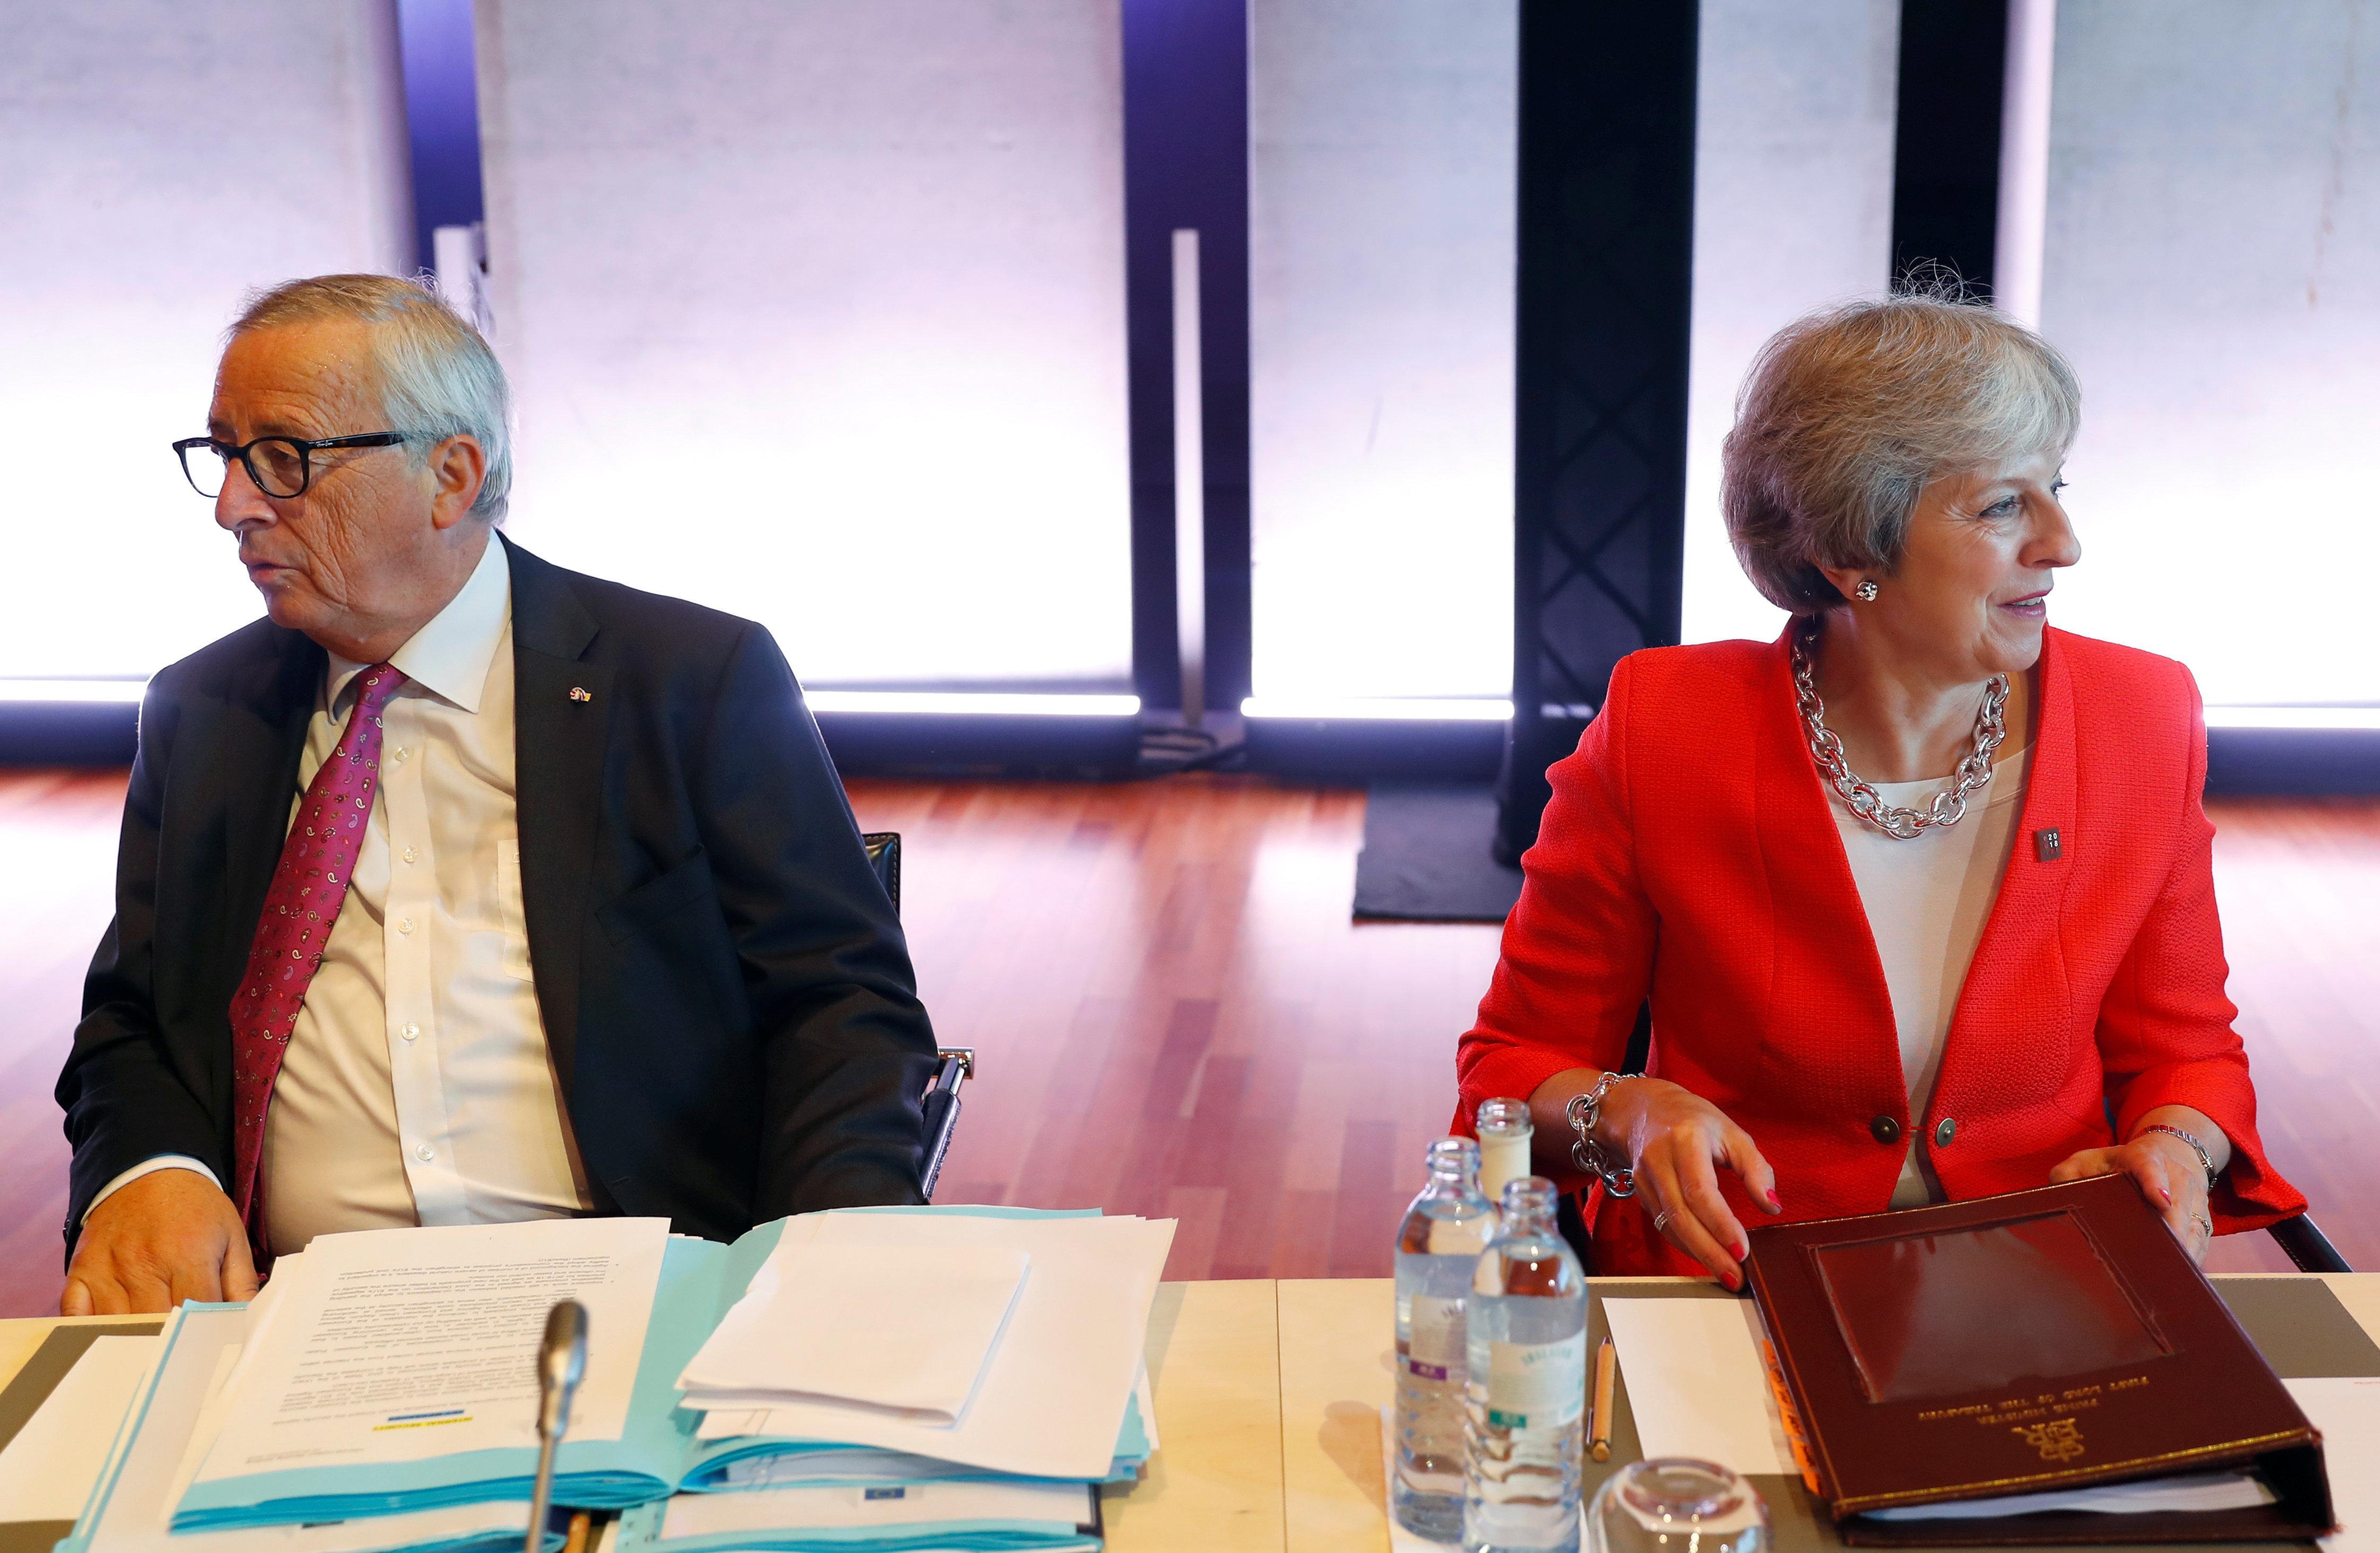 Οι 27 της ΕΕ απορρίπτουν την πρόταση Μέι για το Brexit ενώ πλησιάζει η «ώρα της